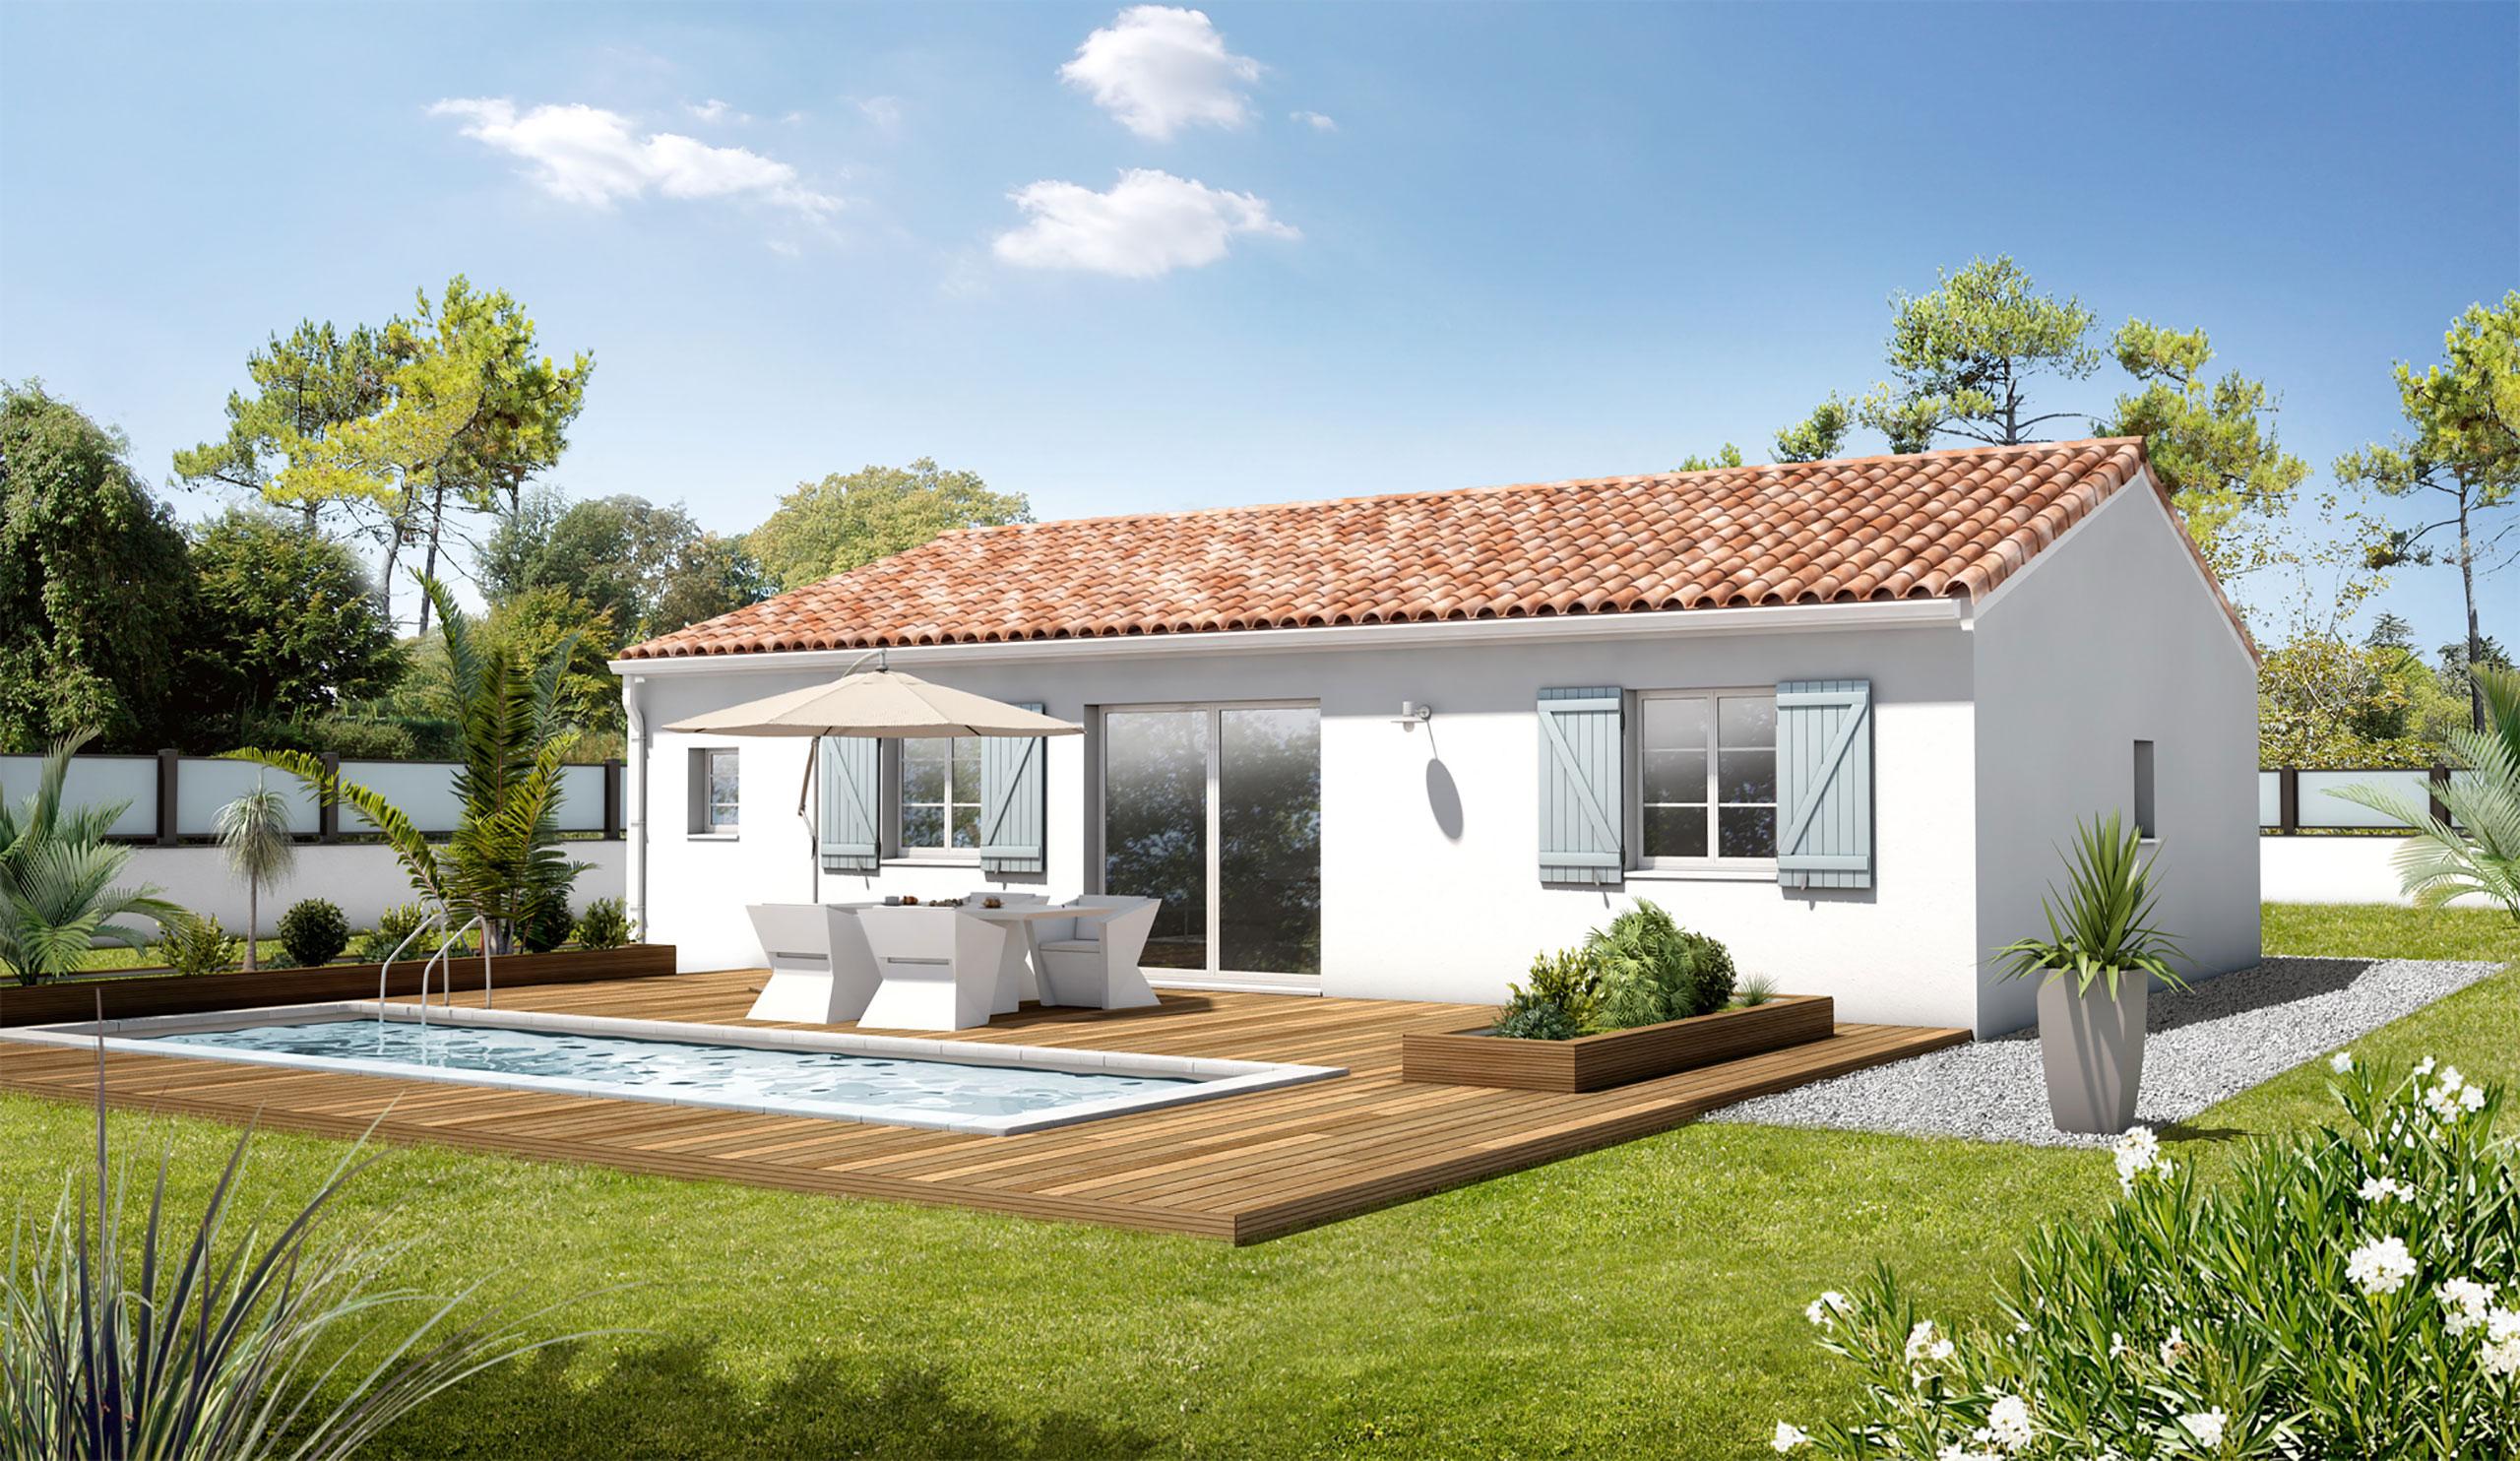 Constructeur De Maison Gers ancien modèle maison traditionnelle premium plain-pied